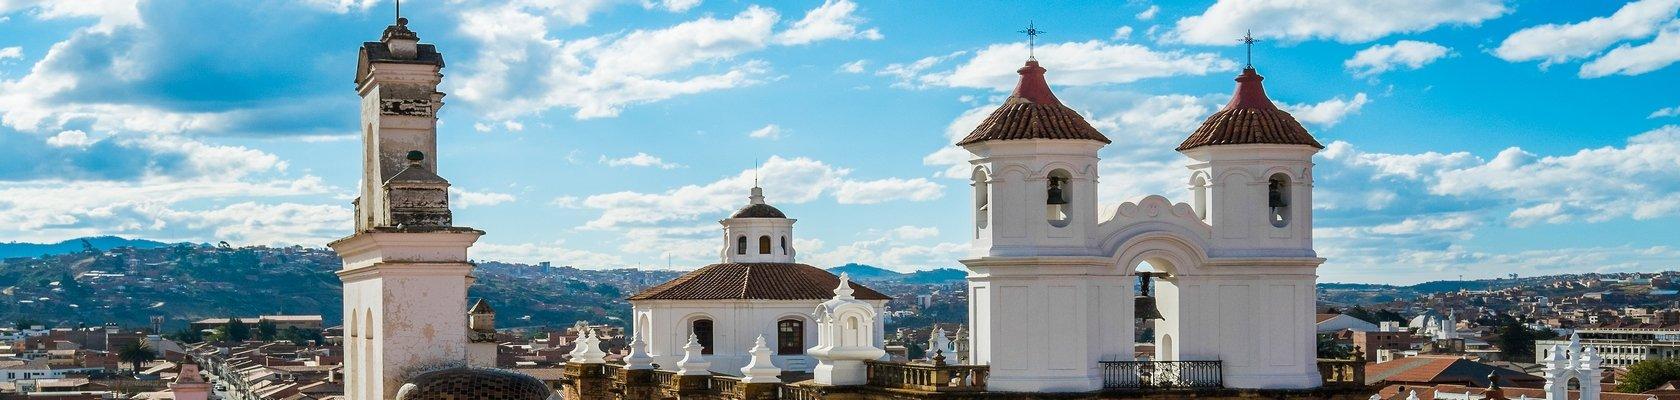 UNESCO Werelderfgoed in Sucre